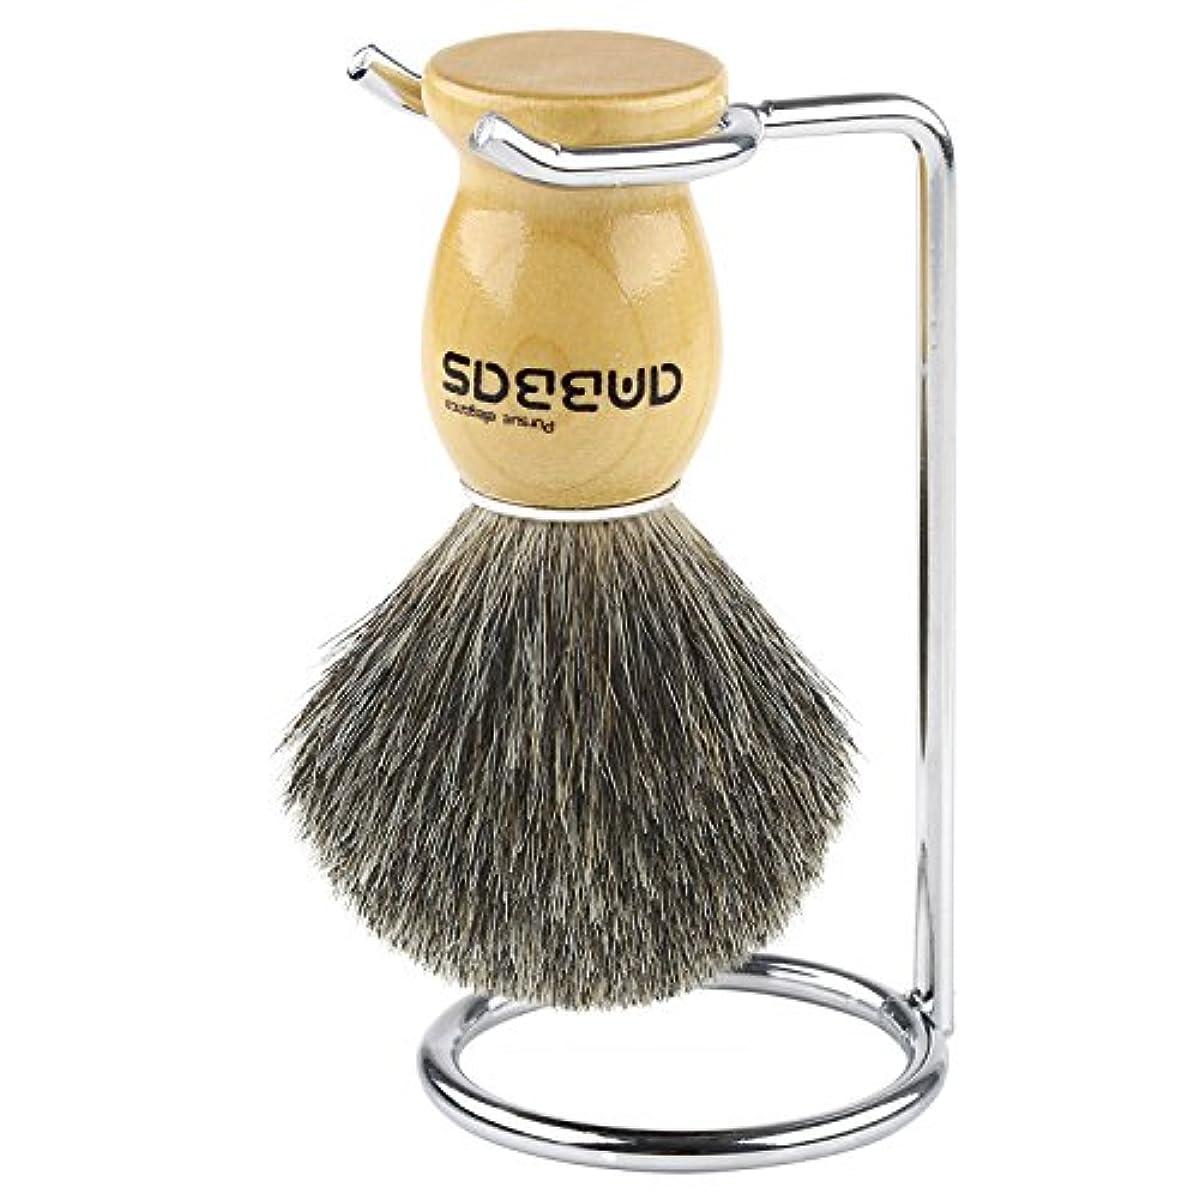 ロイヤリティ温度死んでいるAnbbas シェービングブラシセット アナグマ毛 ブラシ+スタンド 2点セット メンズ 髭剃り 泡立ち 洗顔ブラシ